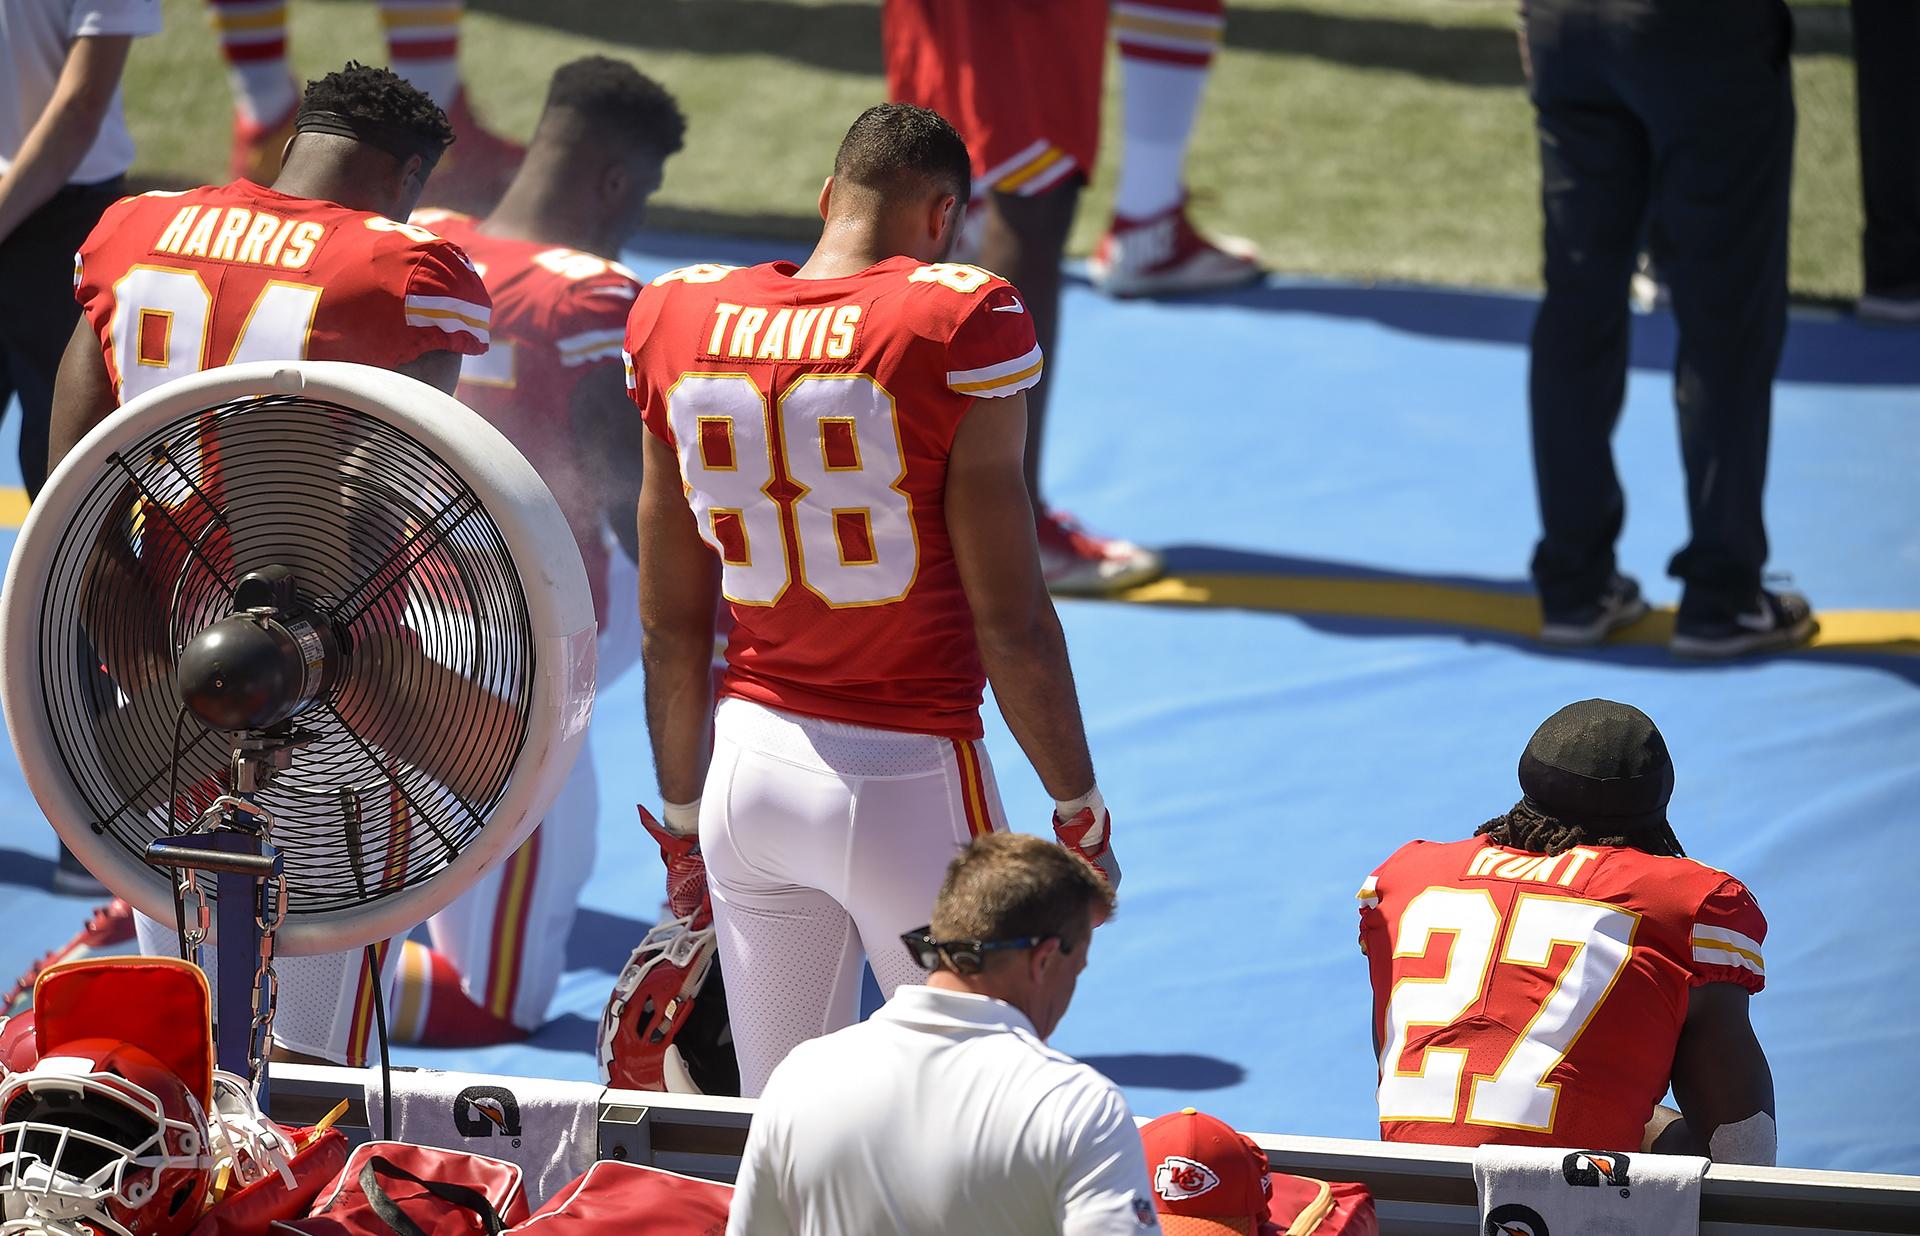 El corredor Kareem Hunt (27) de los Kansas City Chiefs, se sienta durante el Himno Nacional antes del partido contra los Chargers de Los Ángeles en el Centro StubHub.